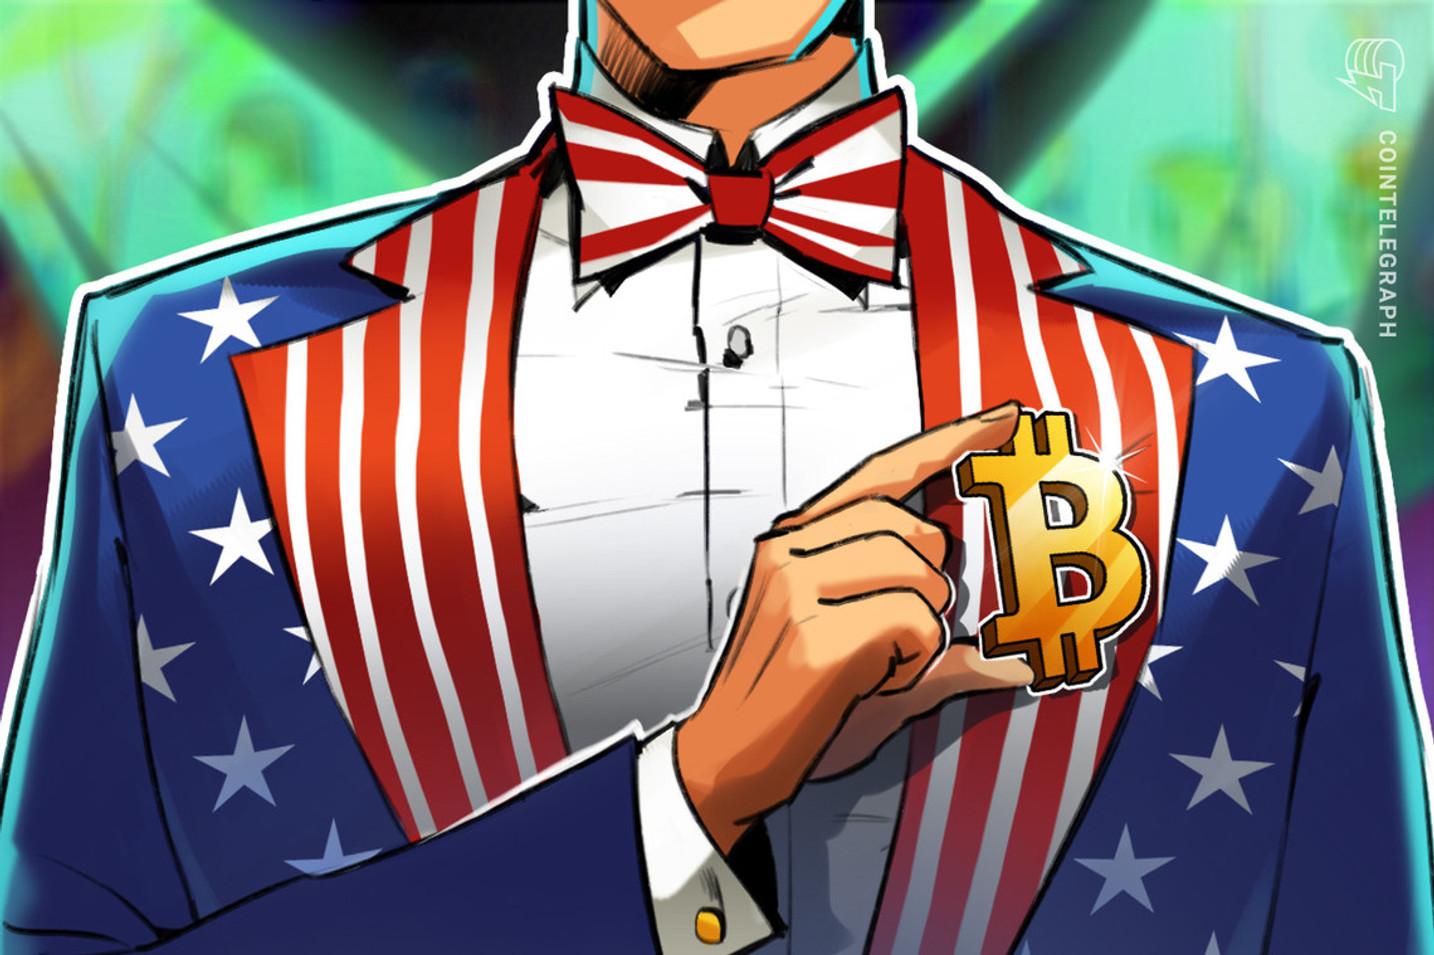 「政府はビットコインへの投資を検討している」実際に相談を寄せられることを明らかに=NYDIG